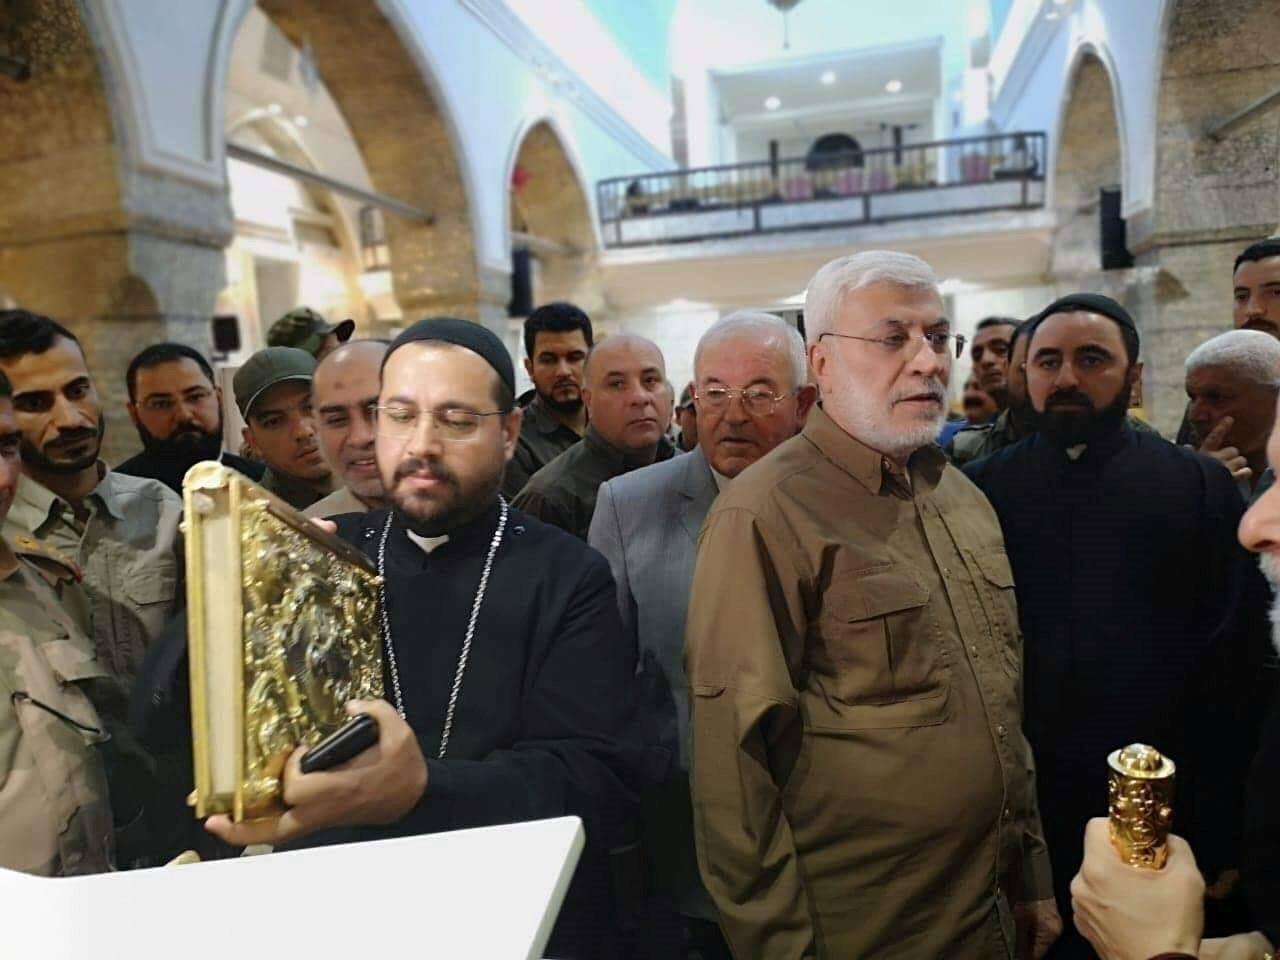 من زيارة الشهيد أبو مهدي المهندس إلى كنيسة مارت شموني في 7 آب/اغسطس عام 2019.